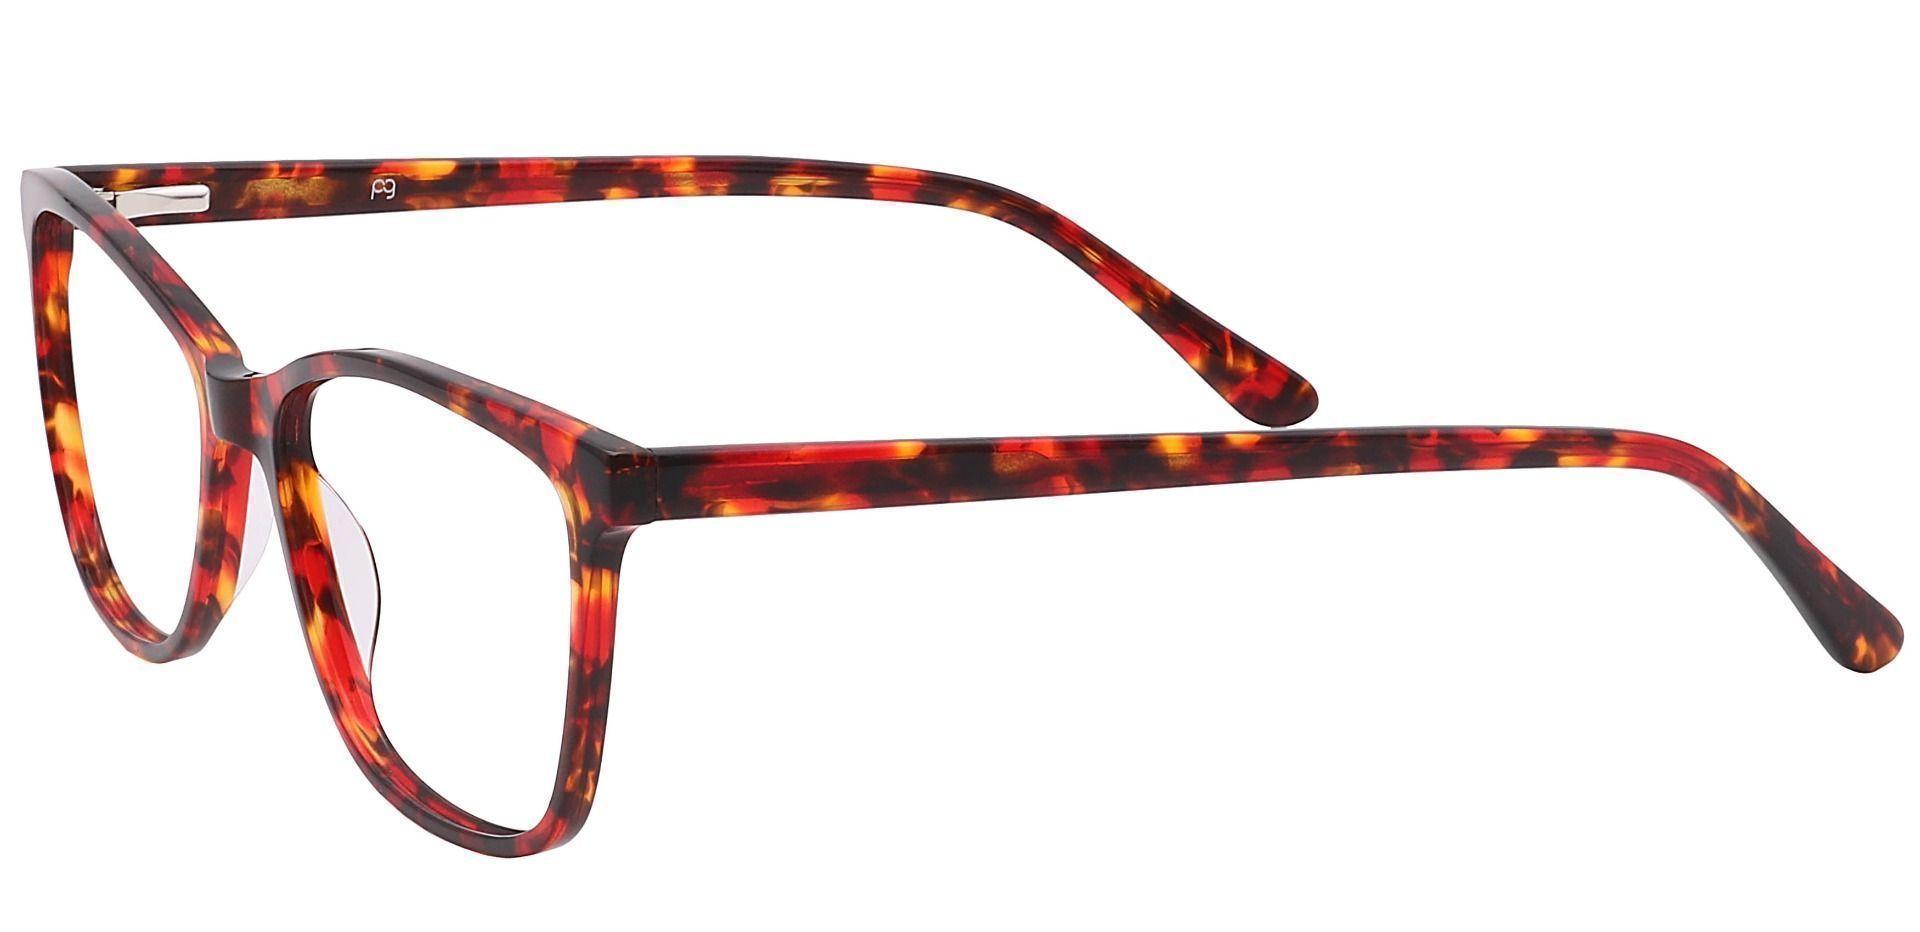 Antonia Square Prescription Glasses - Red